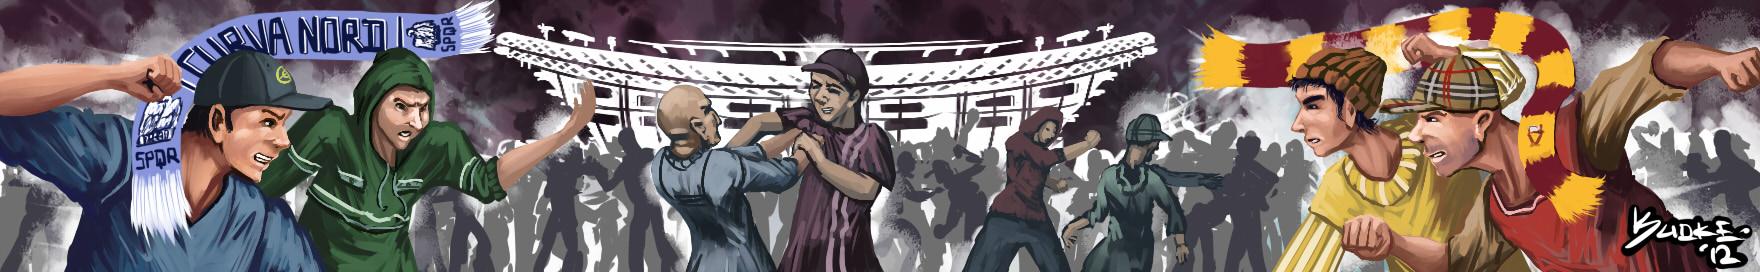 Hooligans. by kuoke